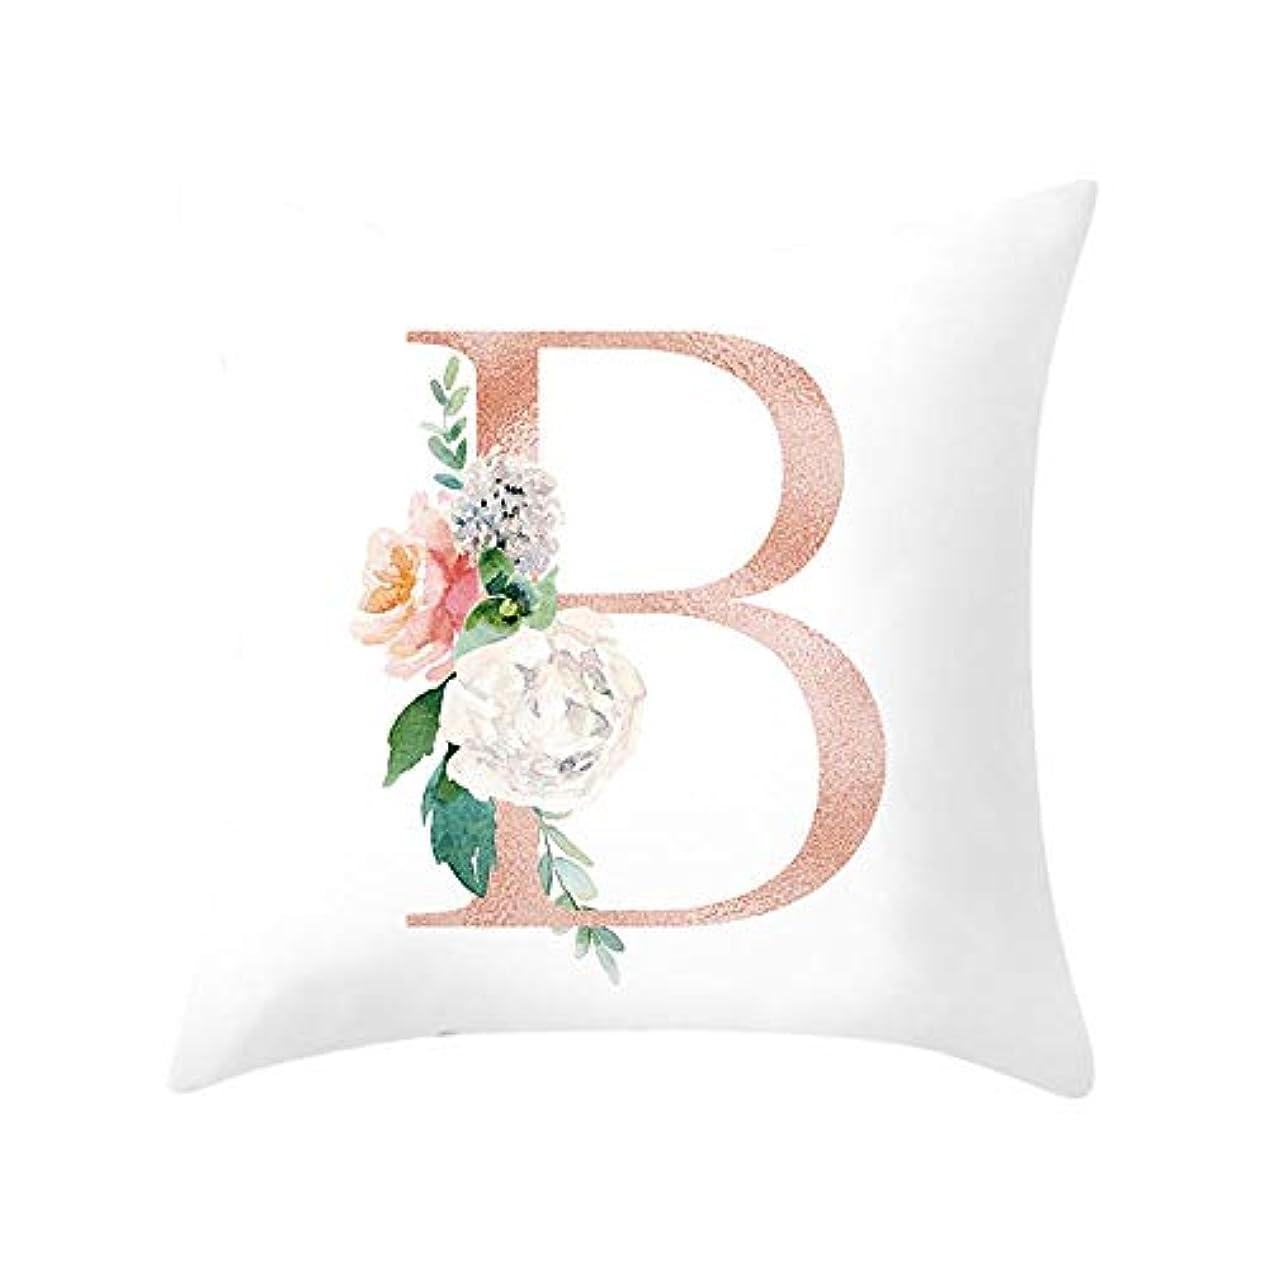 瞑想する迷彩構築するLIFE 装飾クッションソファ手紙枕アルファベットクッション印刷ソファ家の装飾の花枕 coussin decoratif クッション 椅子